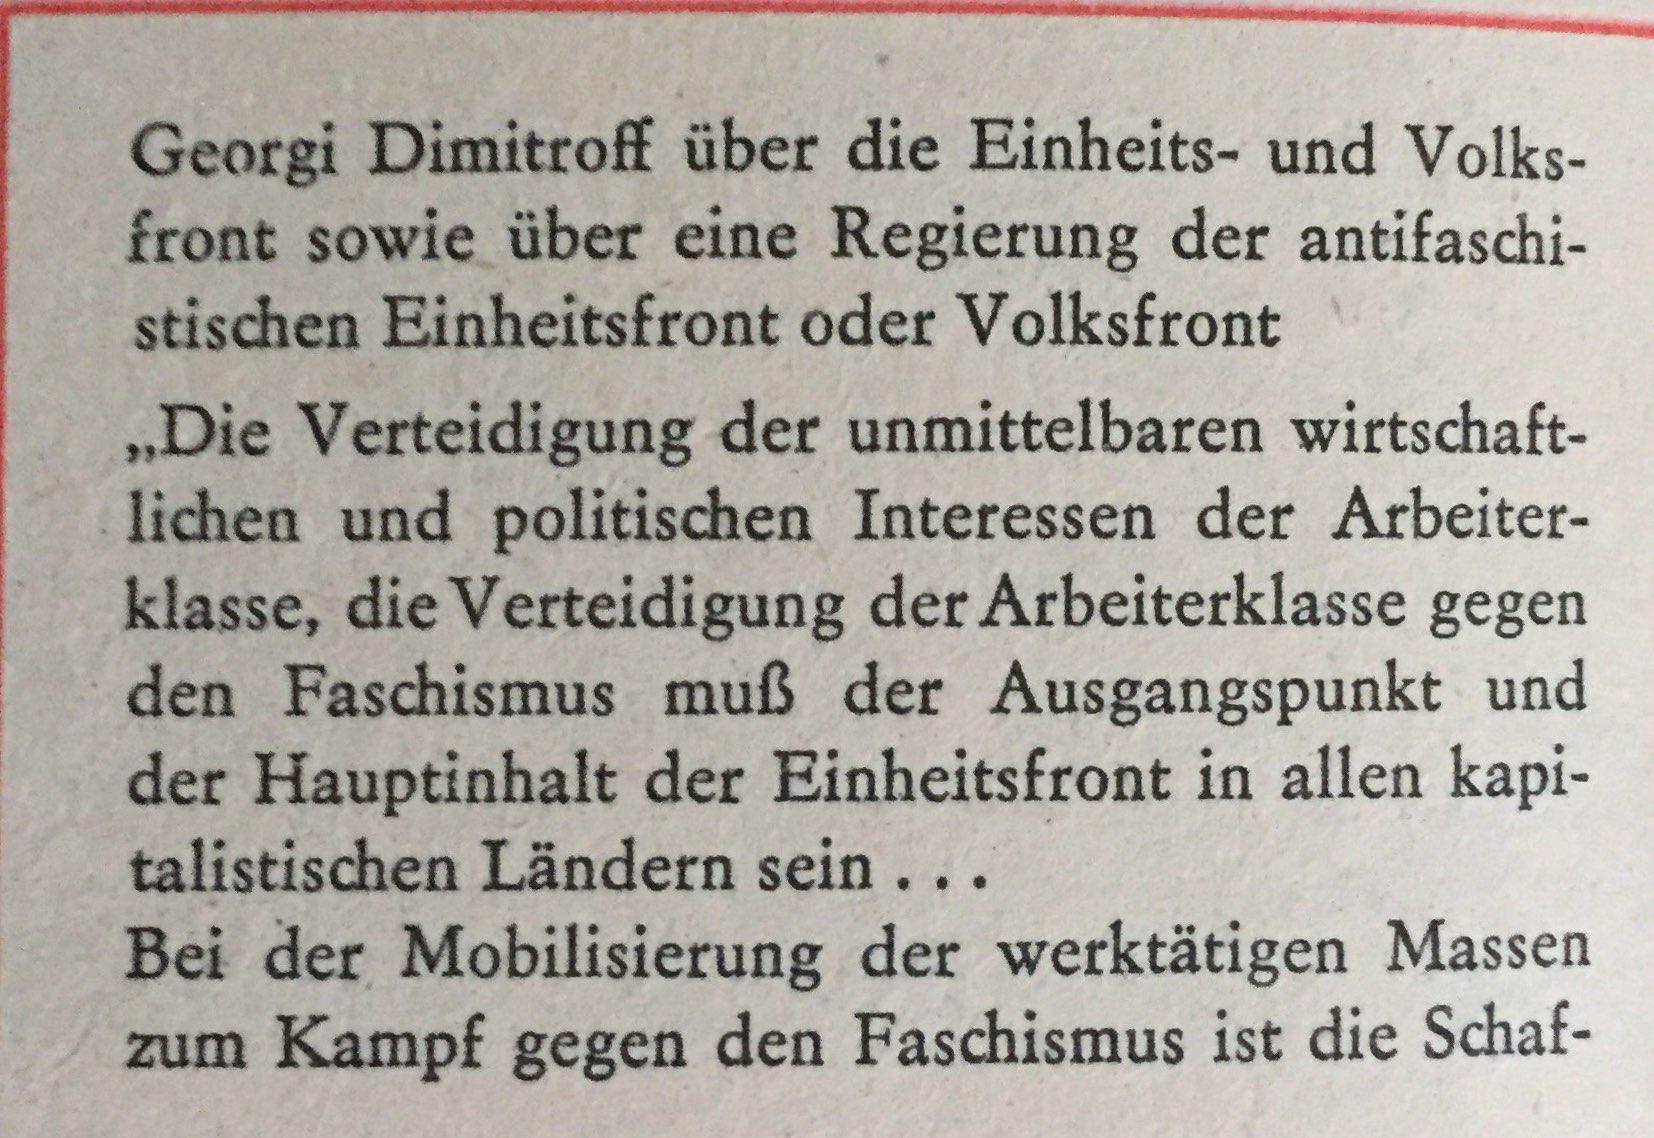 Georgi Dimitroff über Einheits- und Volksfront